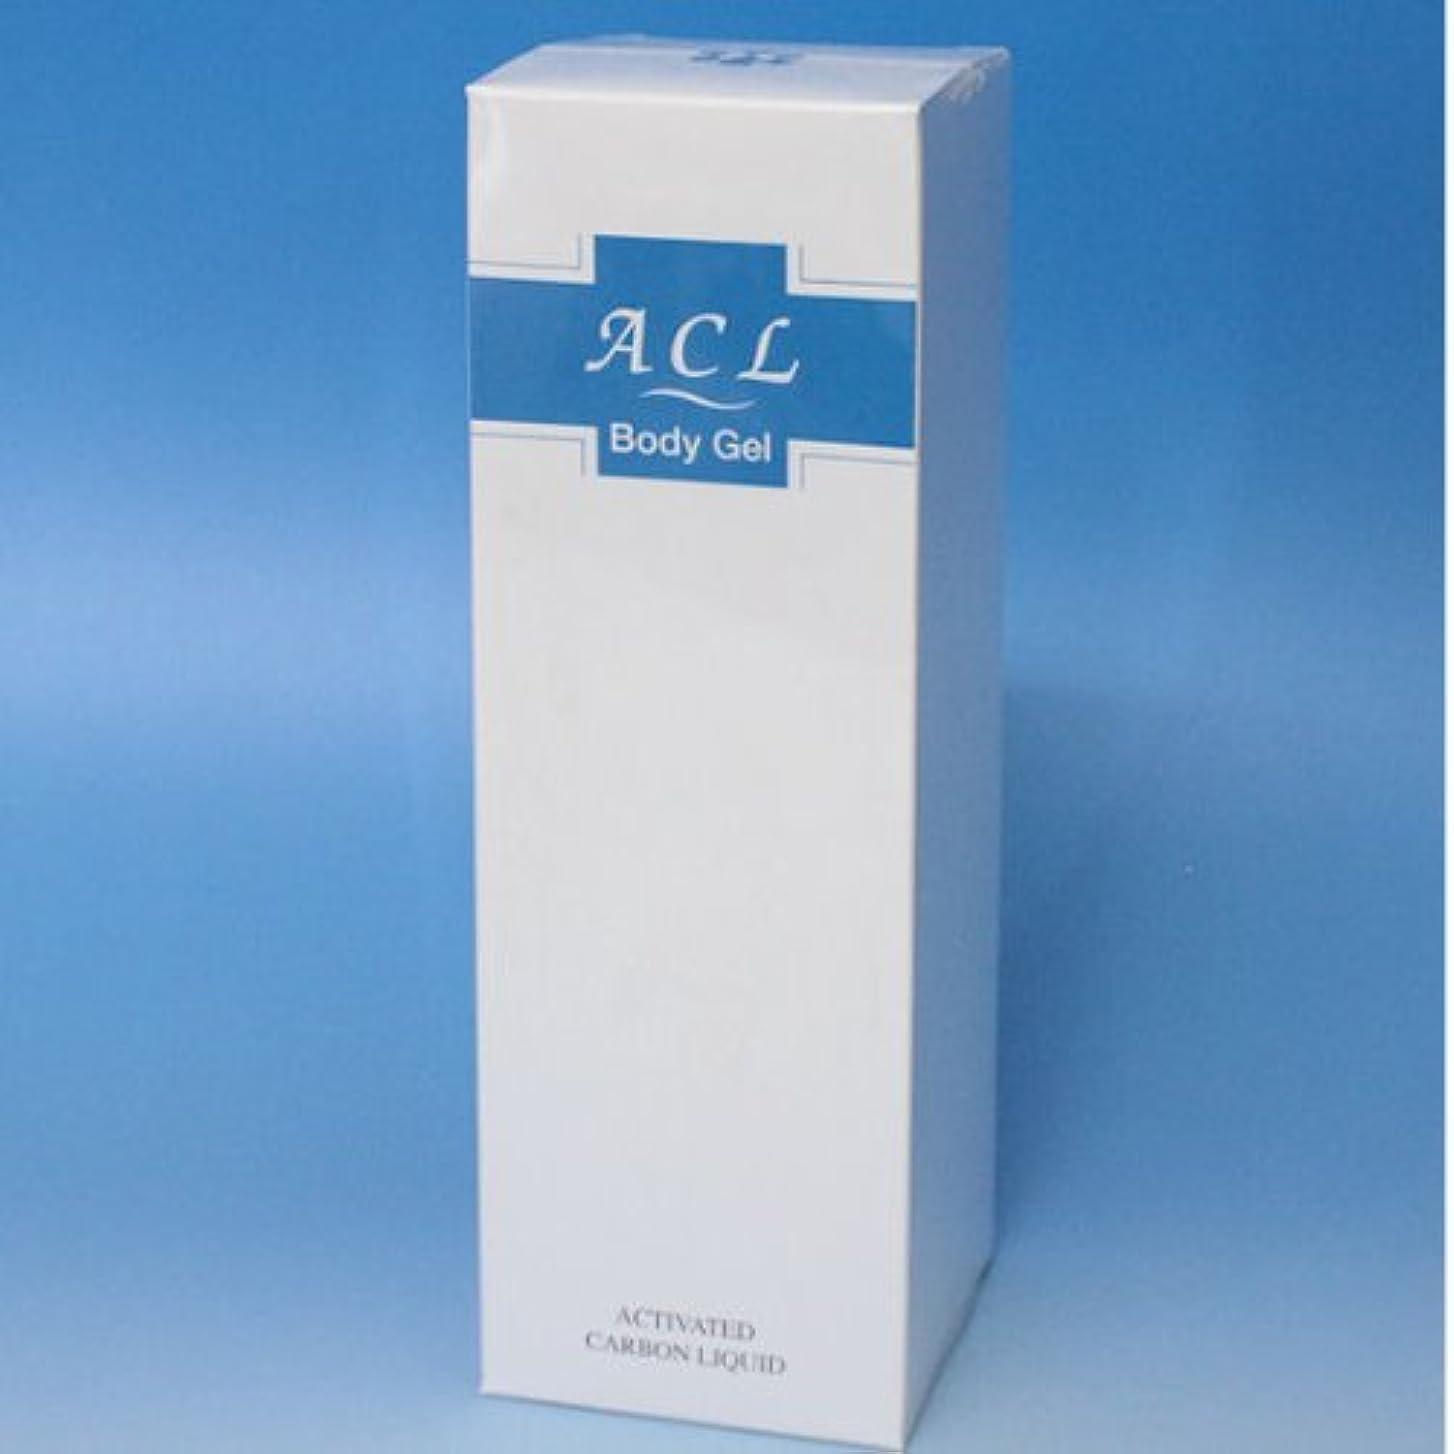 悪化する設計図沈黙ACL(アクル)ボディージェル400g